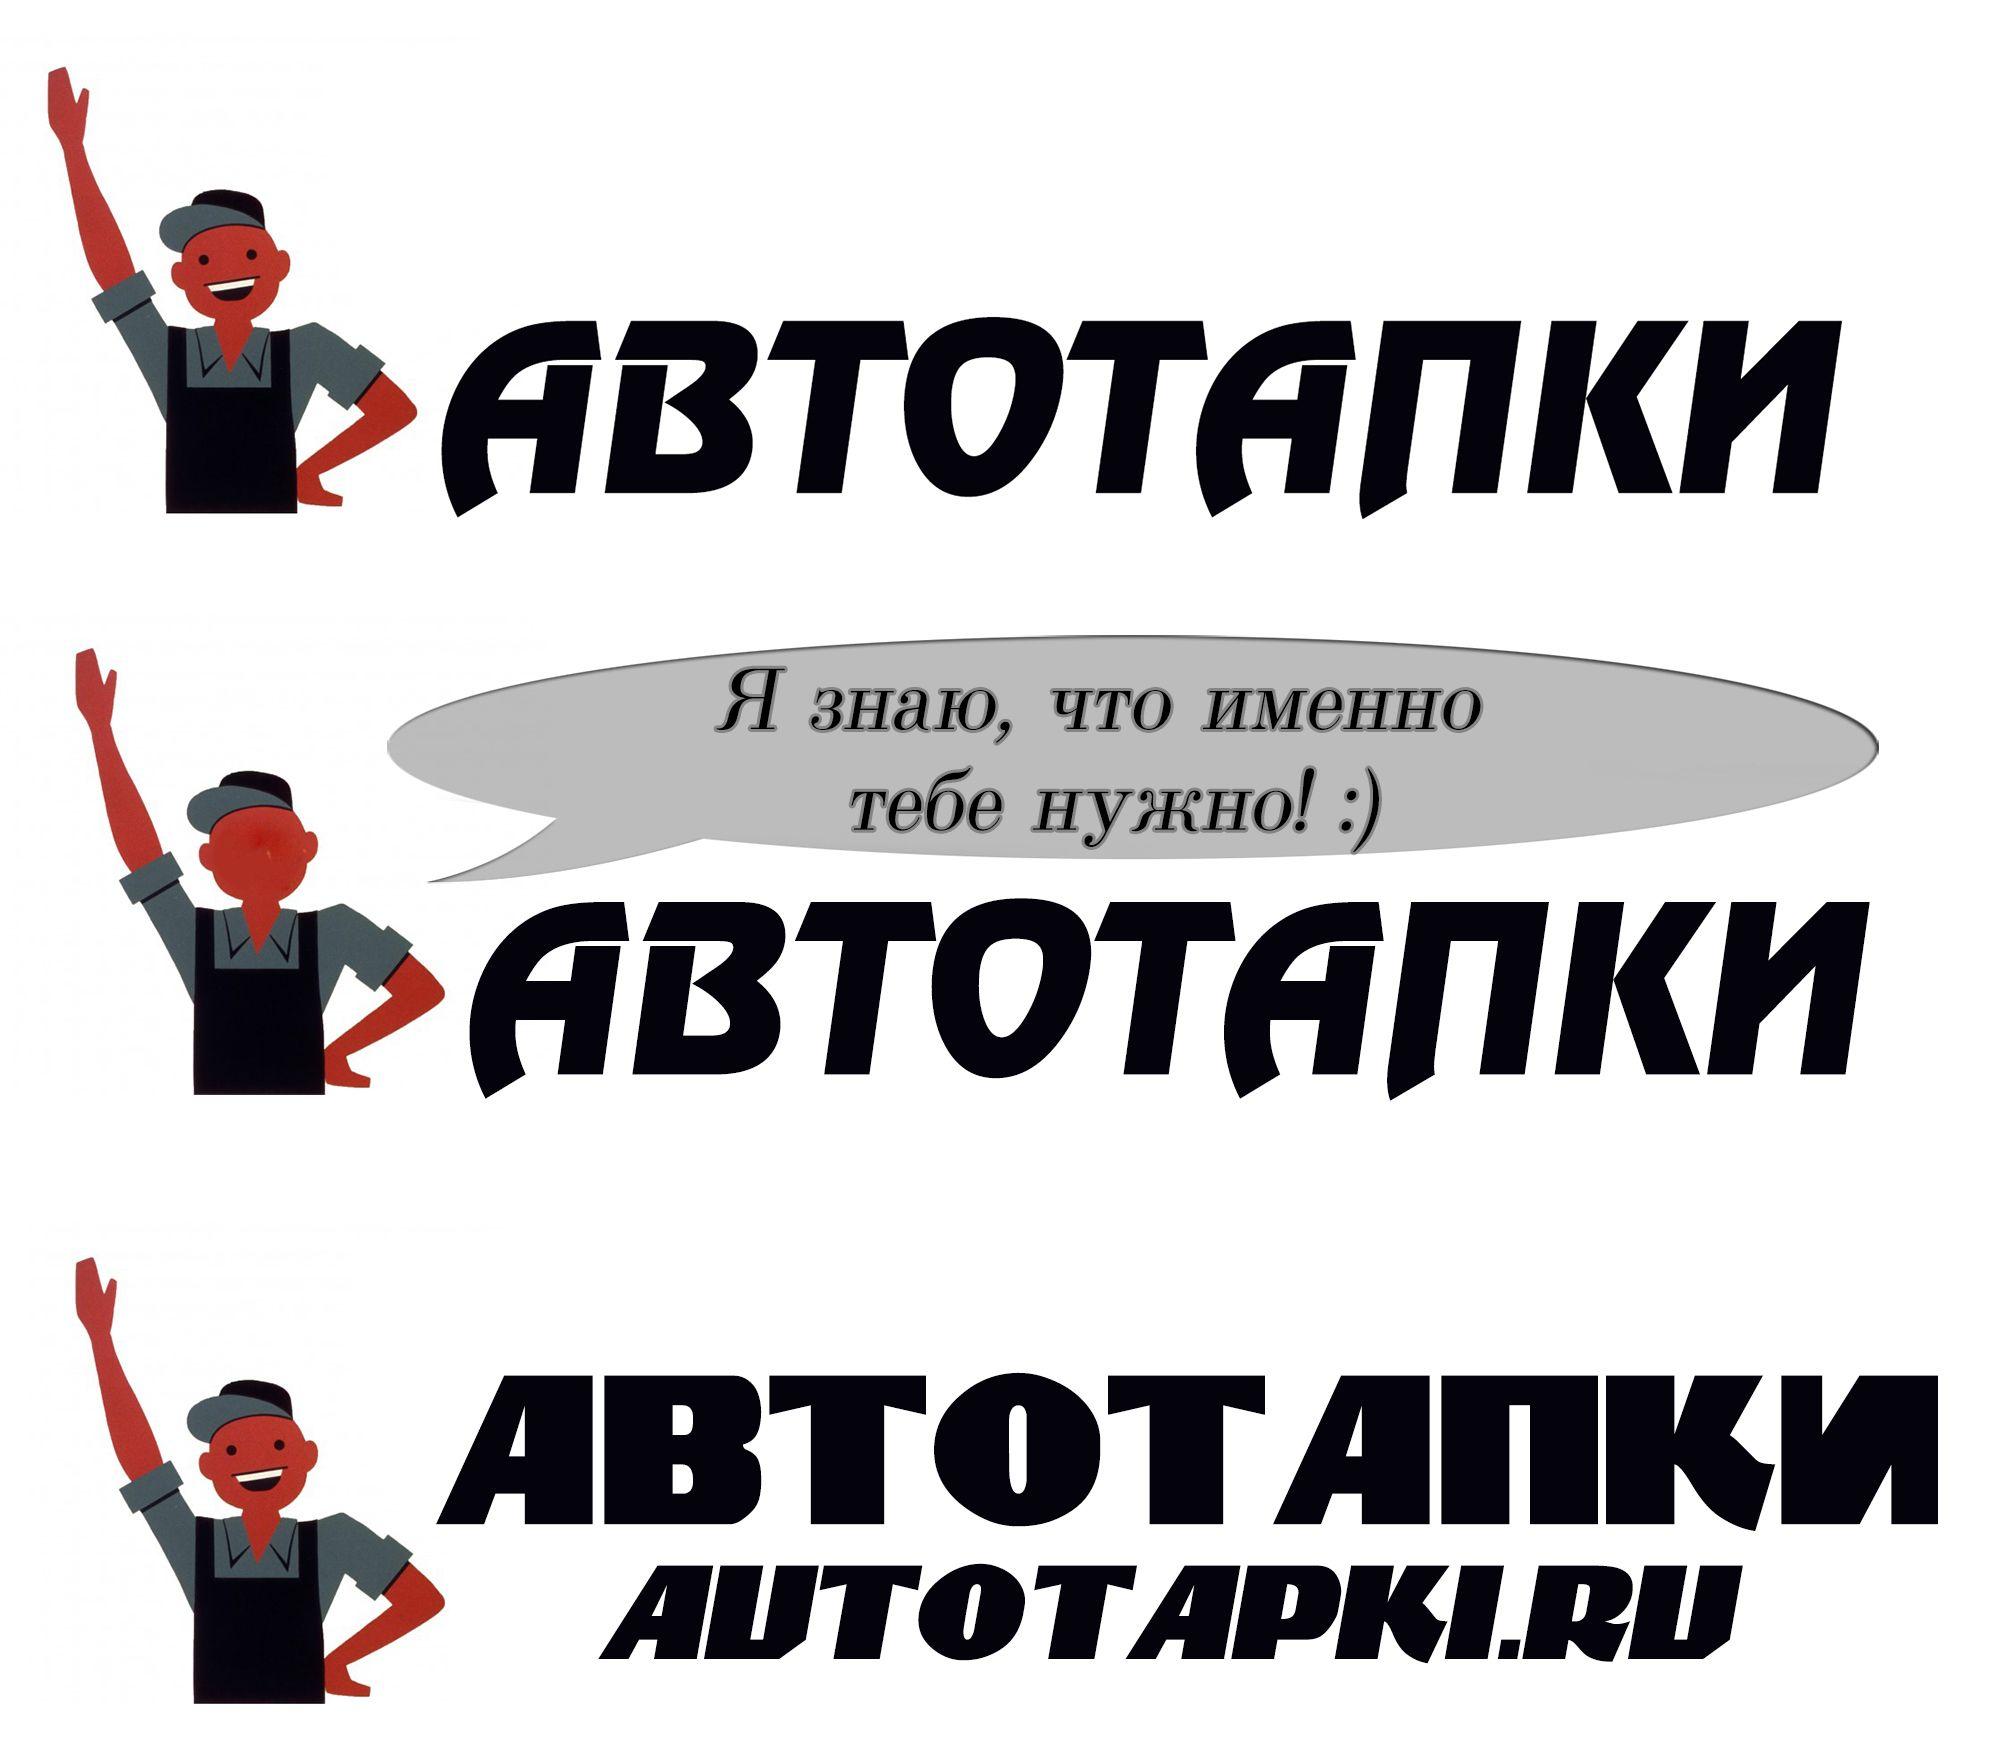 Логотип для магазина авто и мото шин и дисков - дизайнер Emansi_fresh